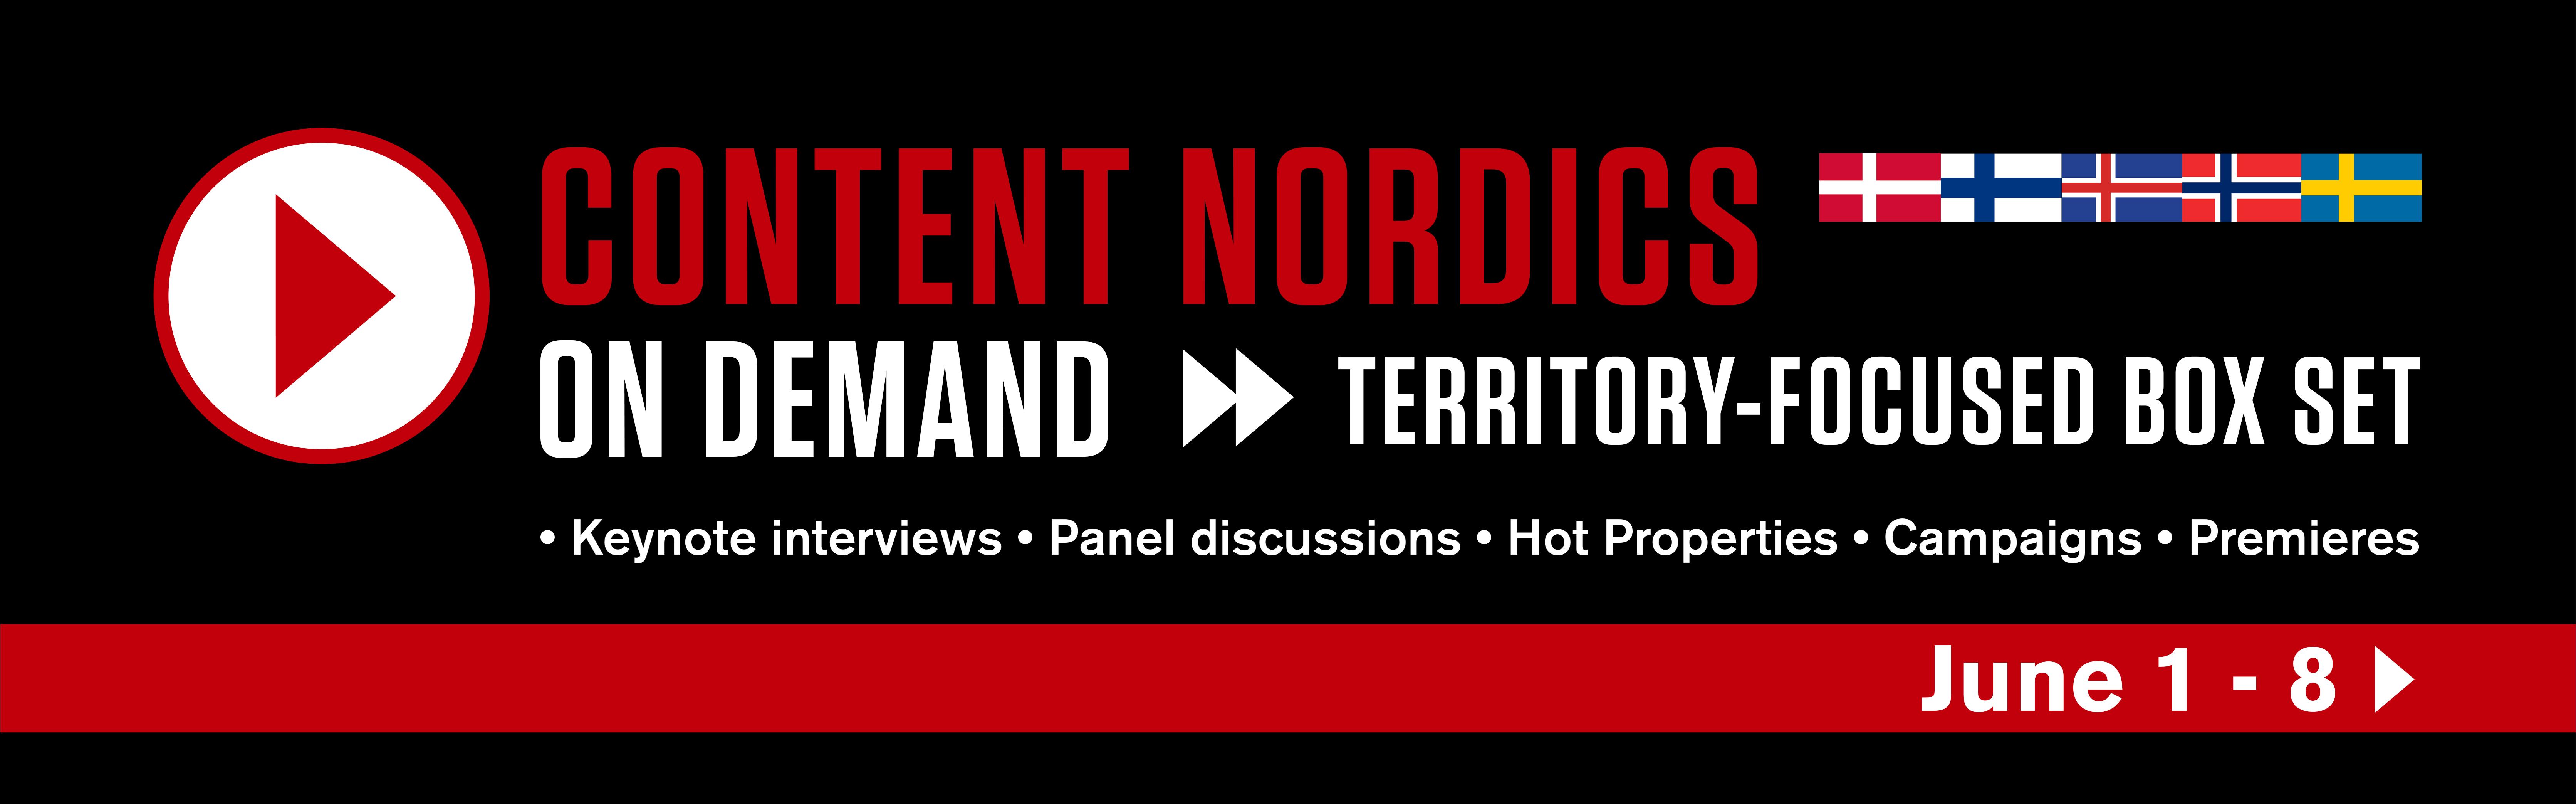 Content Nordics On Demand